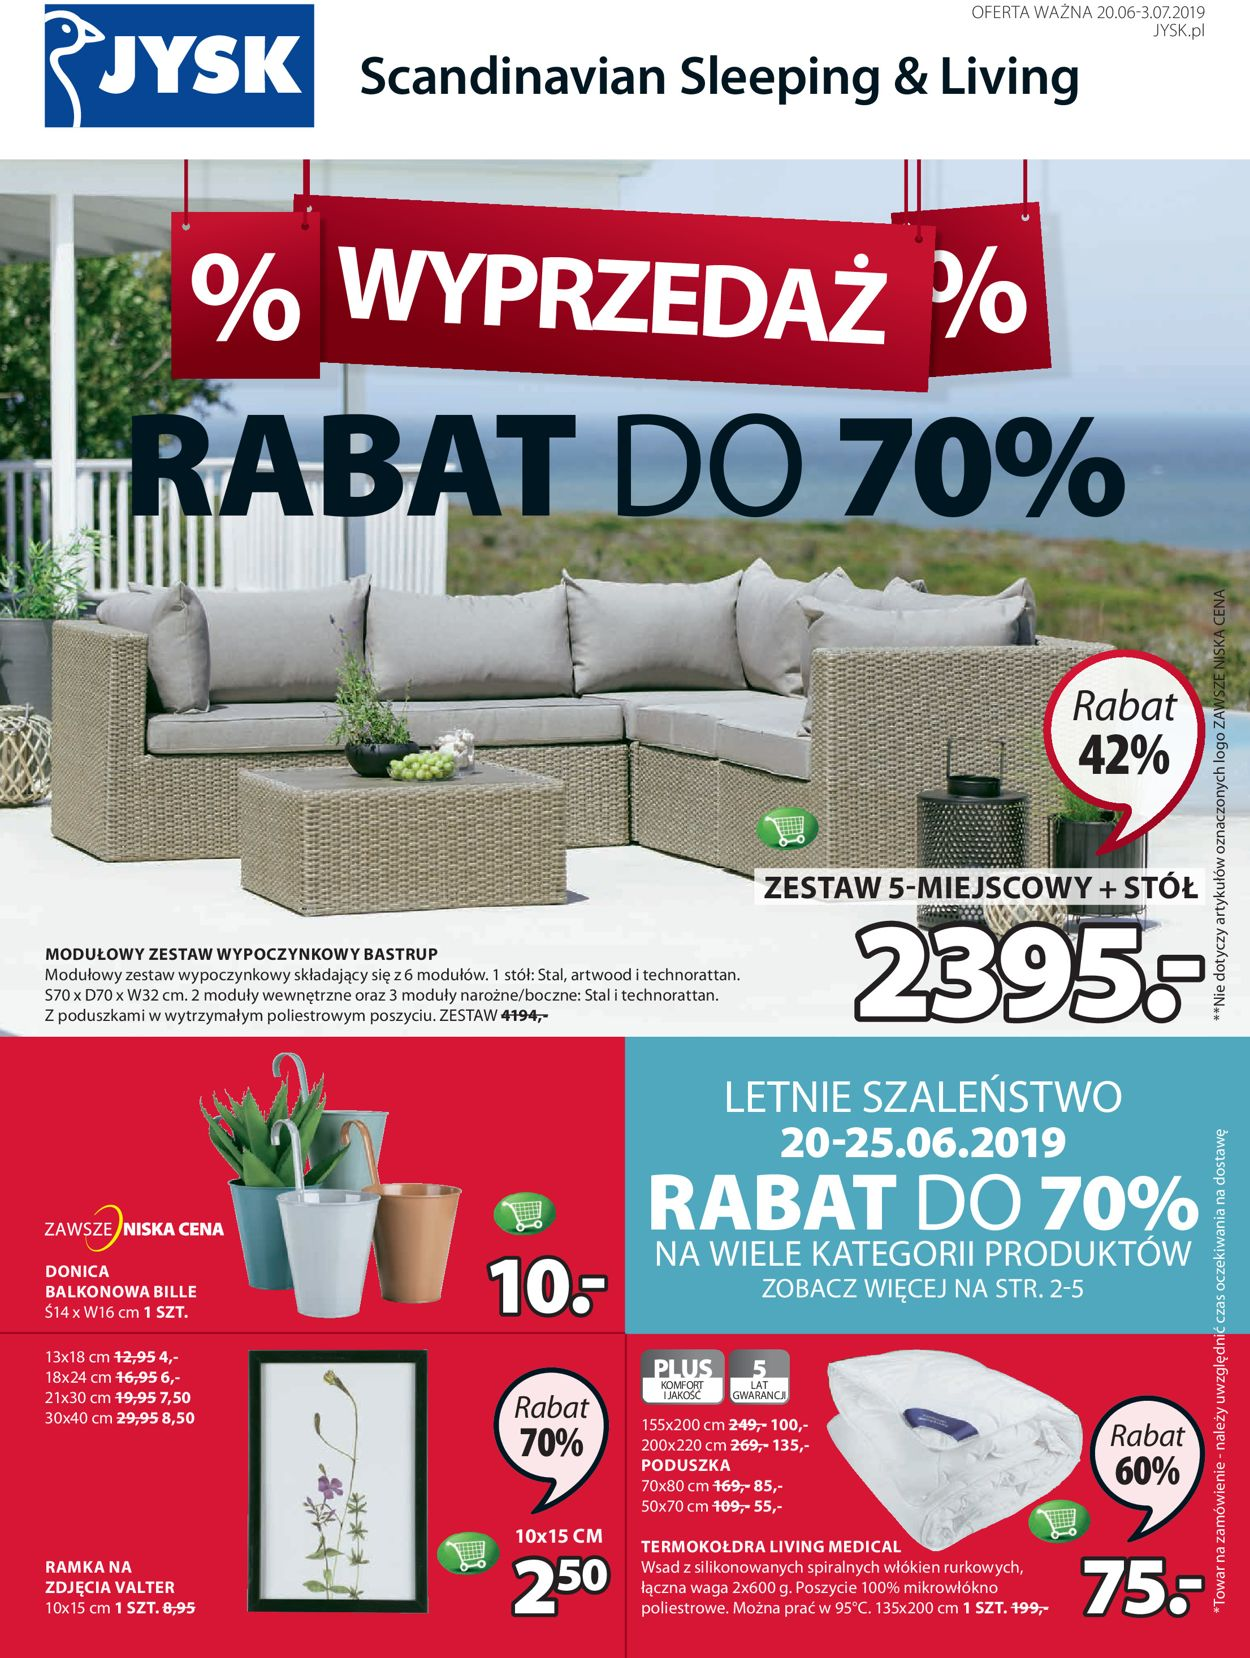 Gazetka promocyjna JYSK - 20.06-03.07.2019